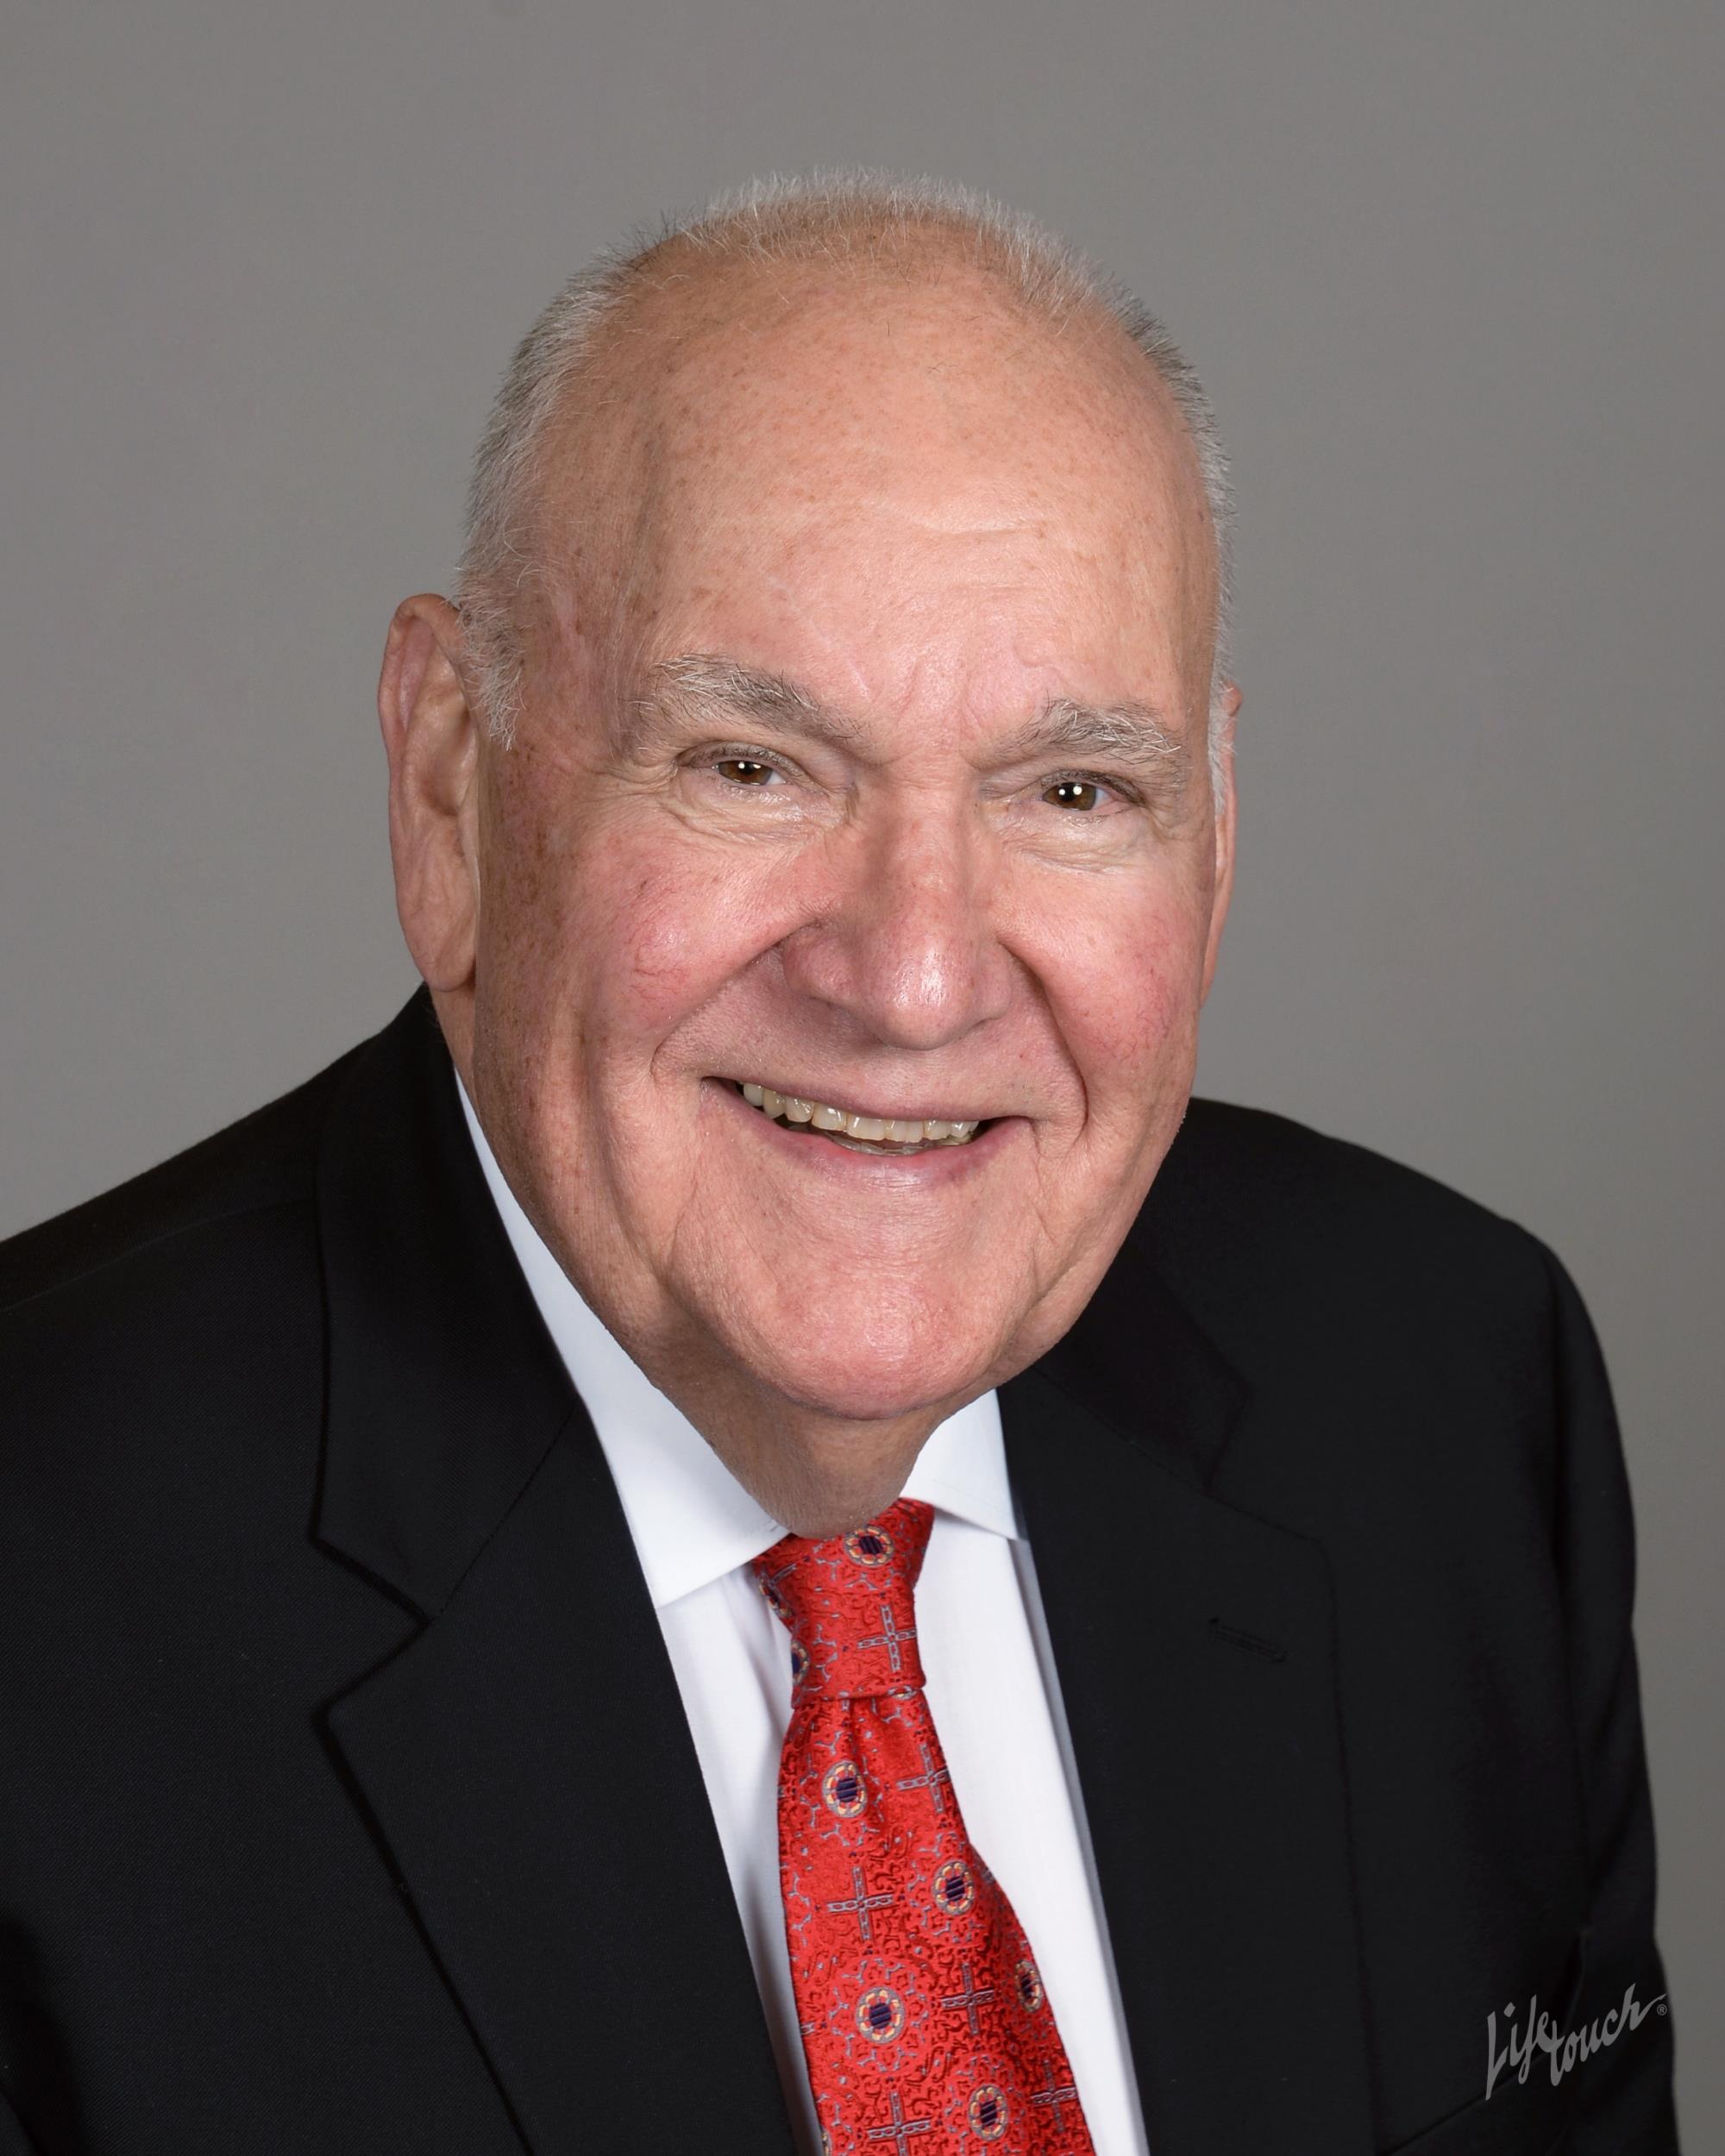 Rev. Dr. Douglas E. Busby